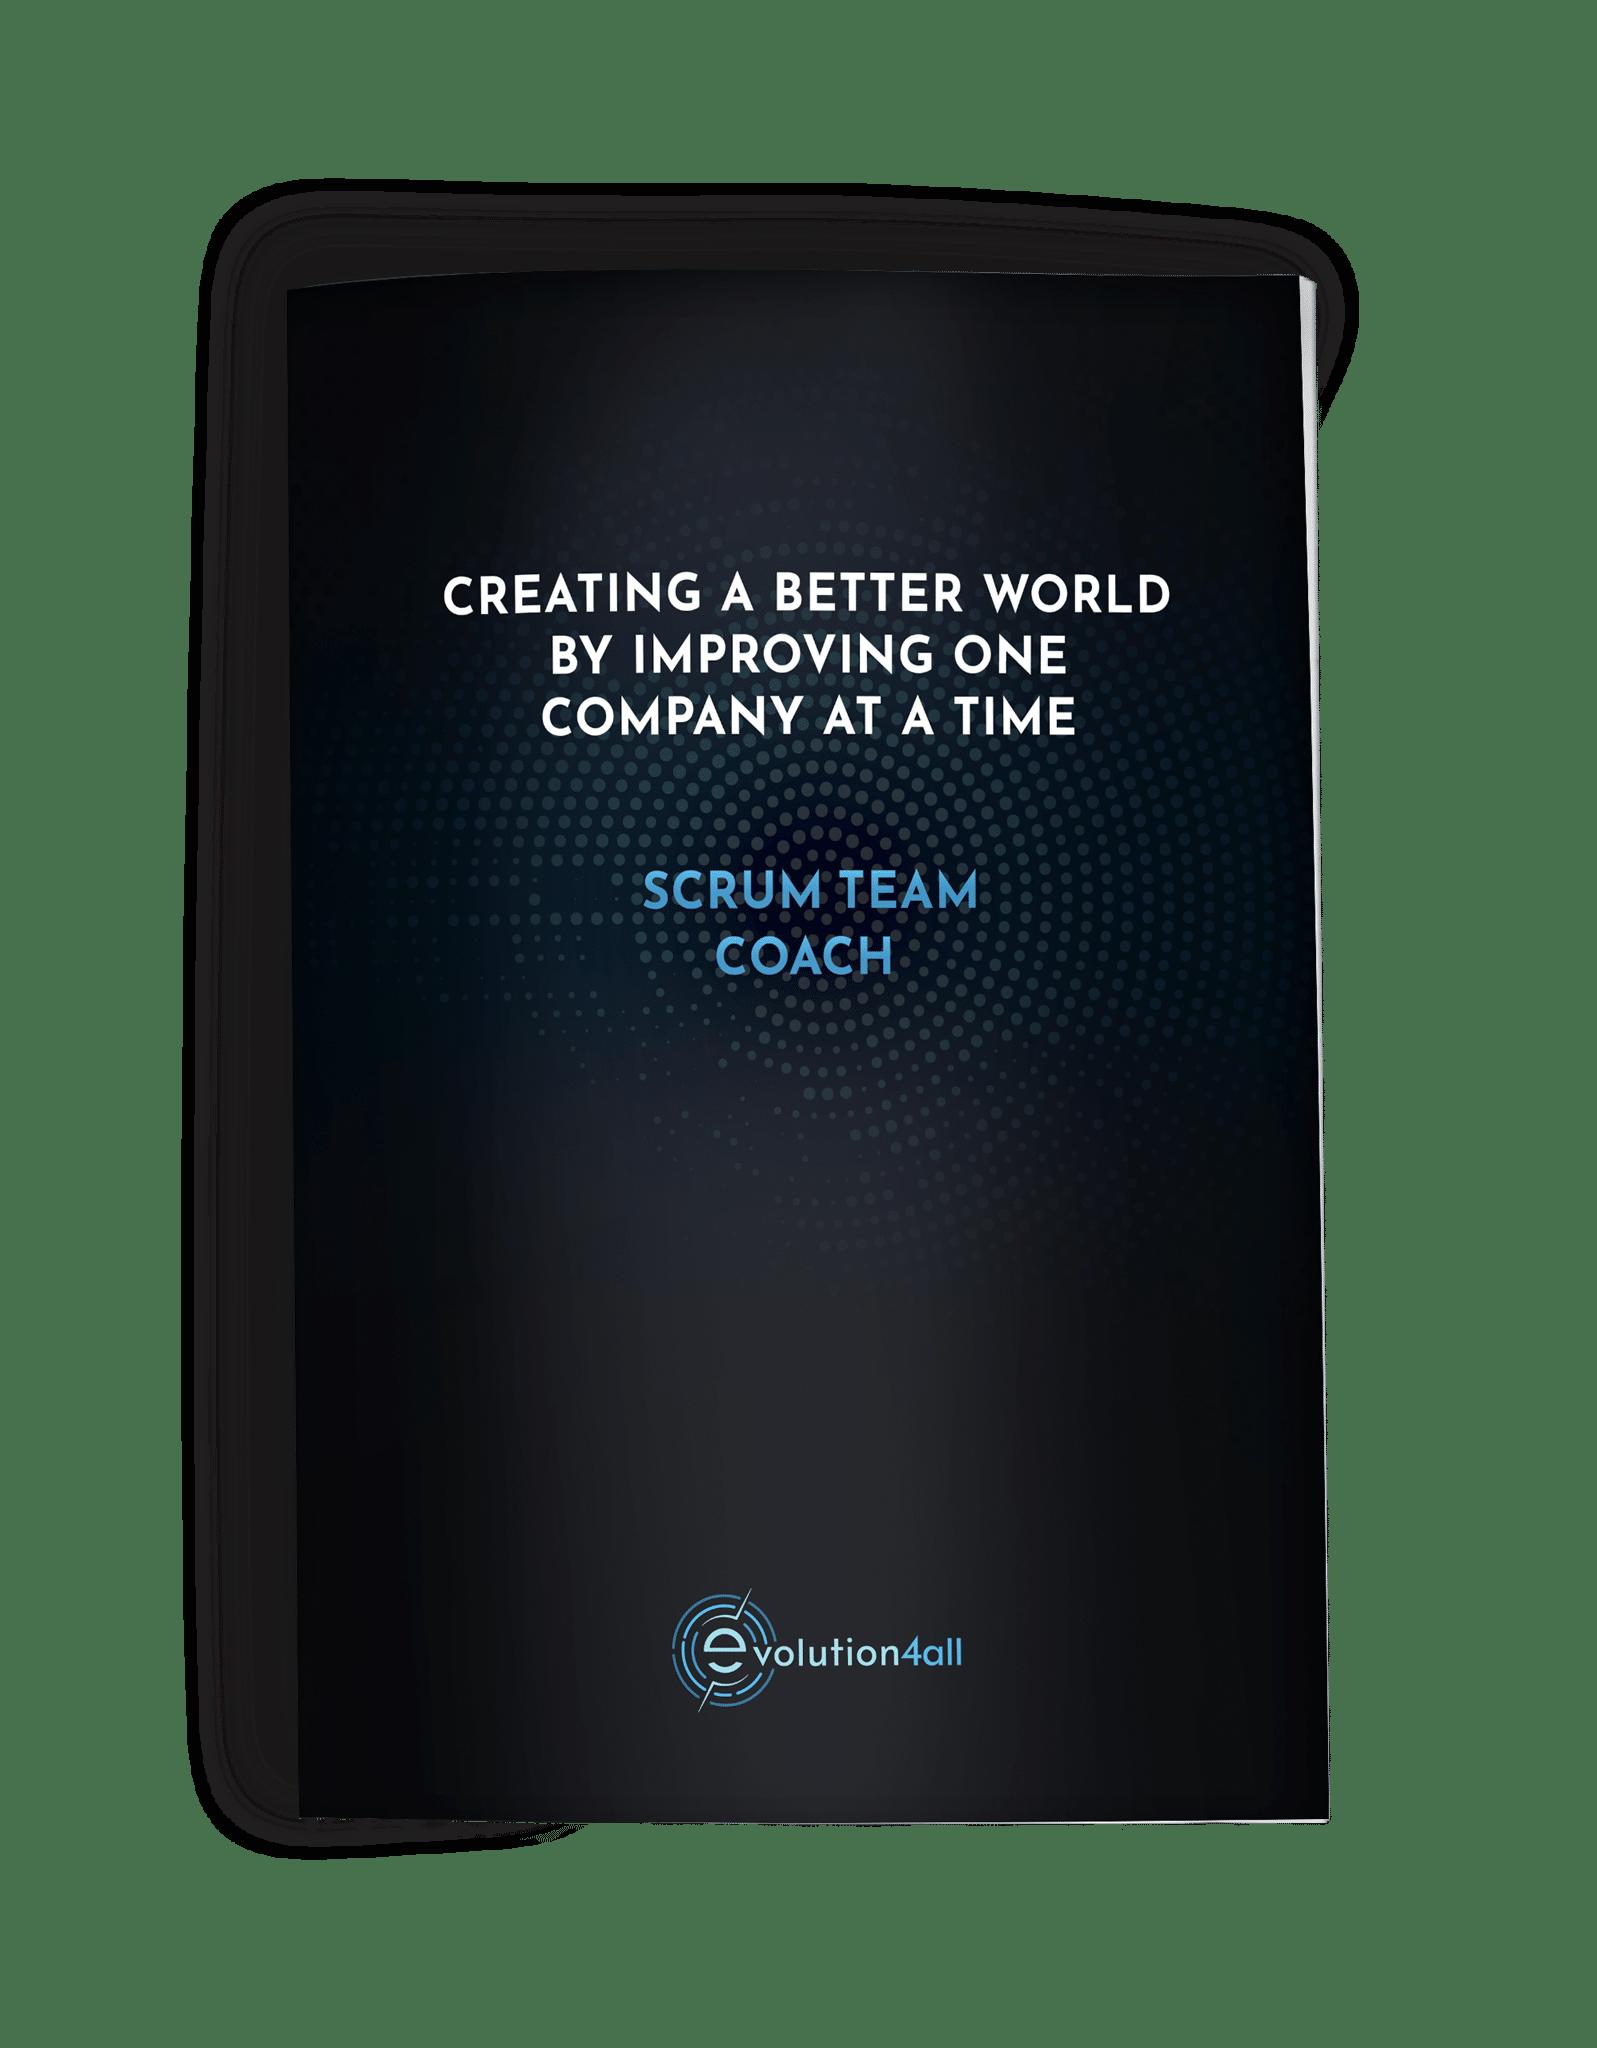 Scrum Team Coach